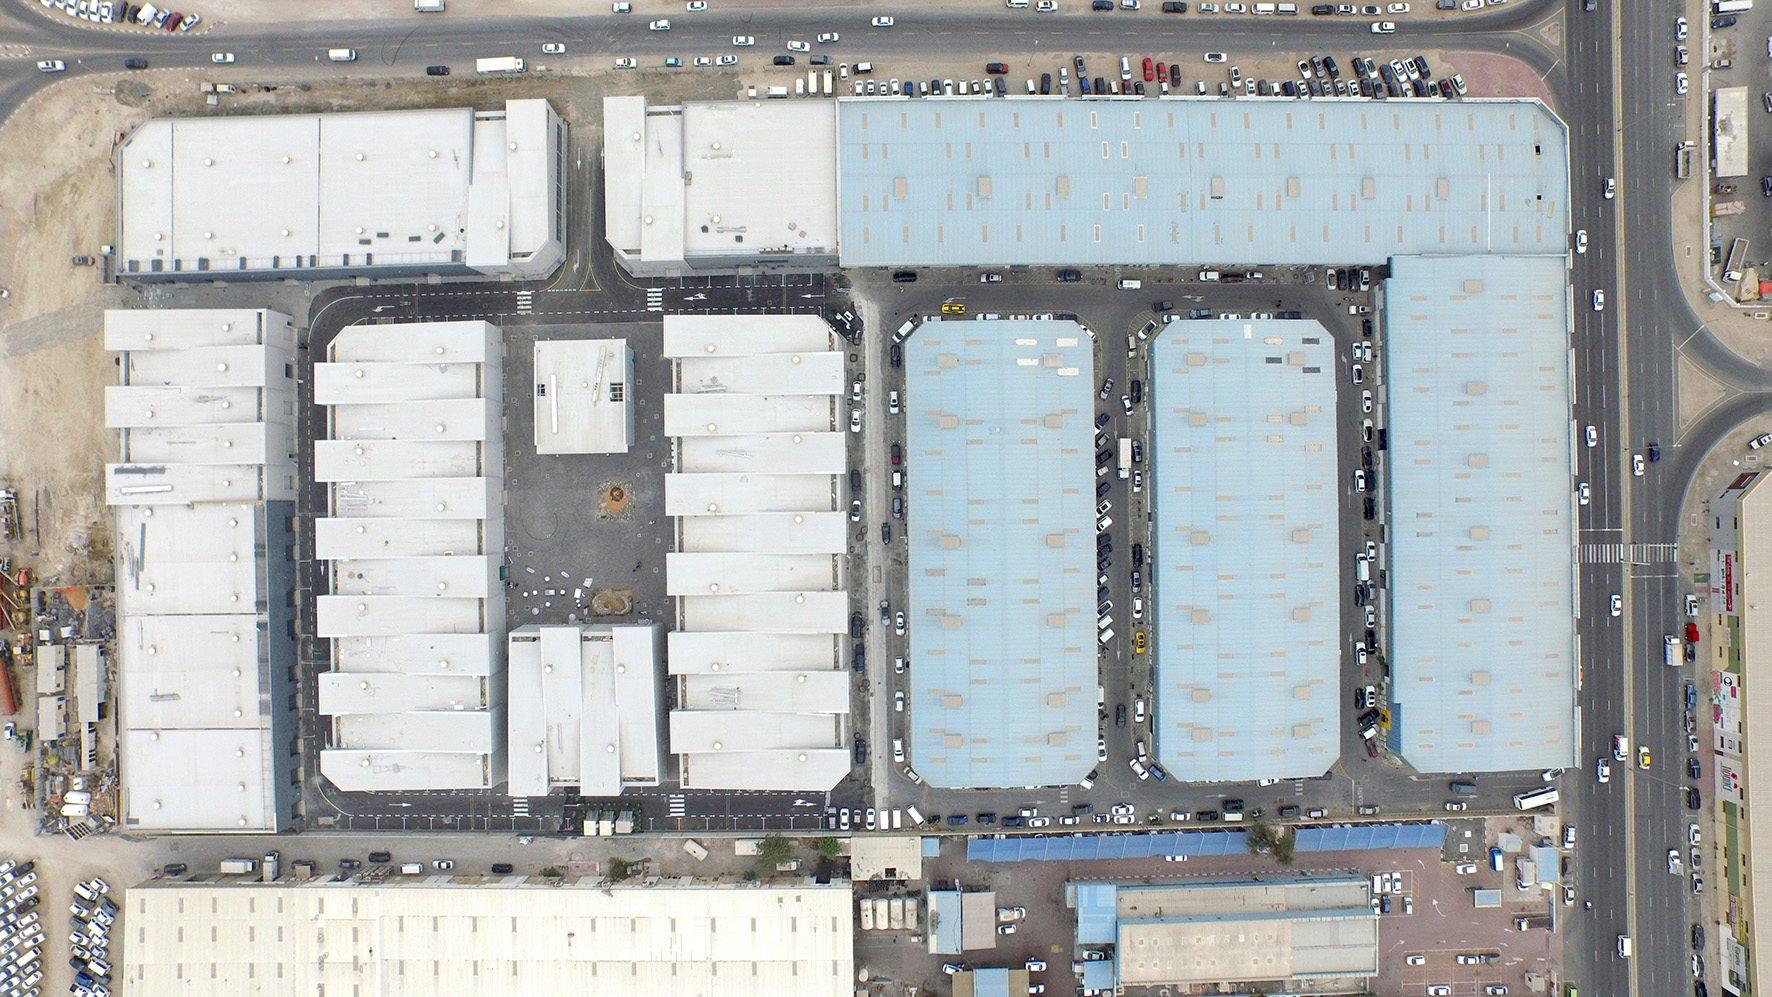 Alserkal Avenue. Rhythmisierte Metallfassaden, tanzende Dächer und weitläufige Innen- und Außenräume erweitern den Campus Alserkal Avenue. Die Hallen mit den dunkleren Dachflächen rechts gehören zum ursprünglichen Areal.